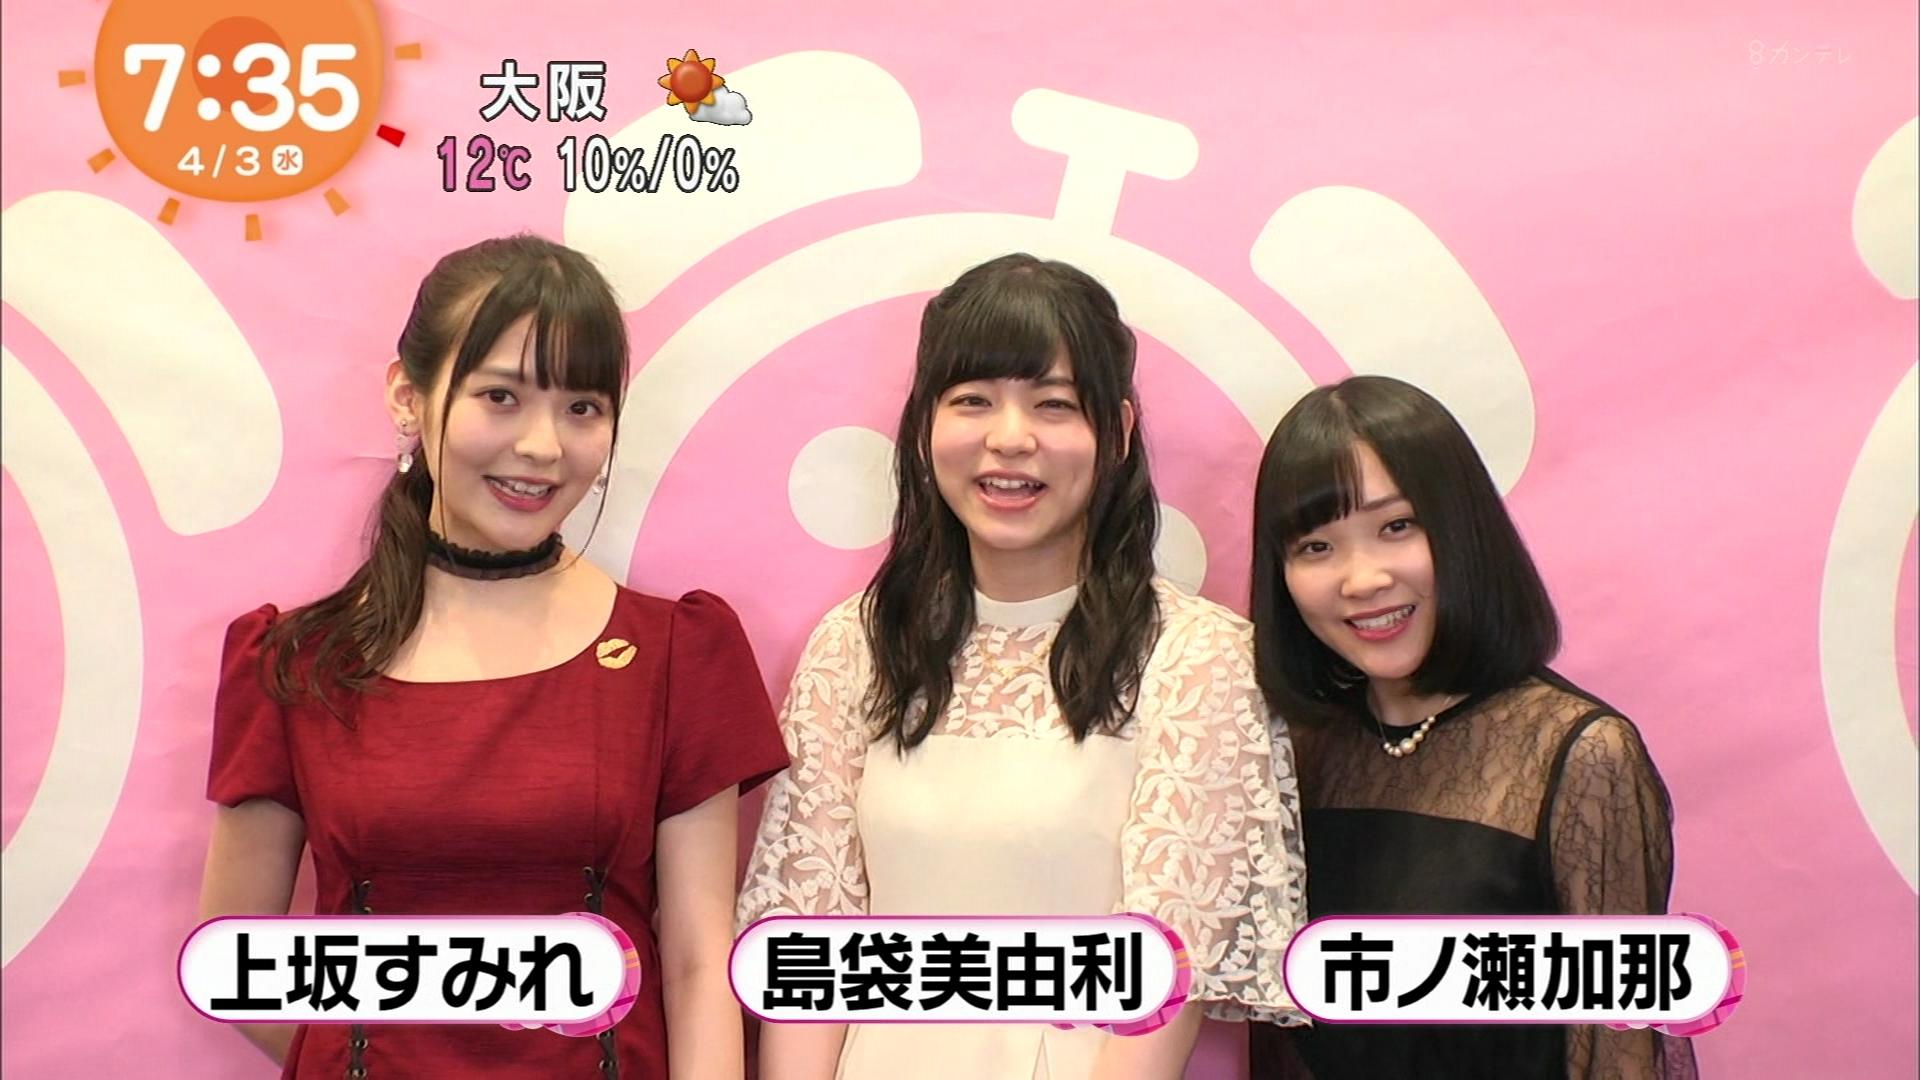 上坂すみれ 島袋美由利 市ノ瀬加那 めざましテレビ 4 3放送分